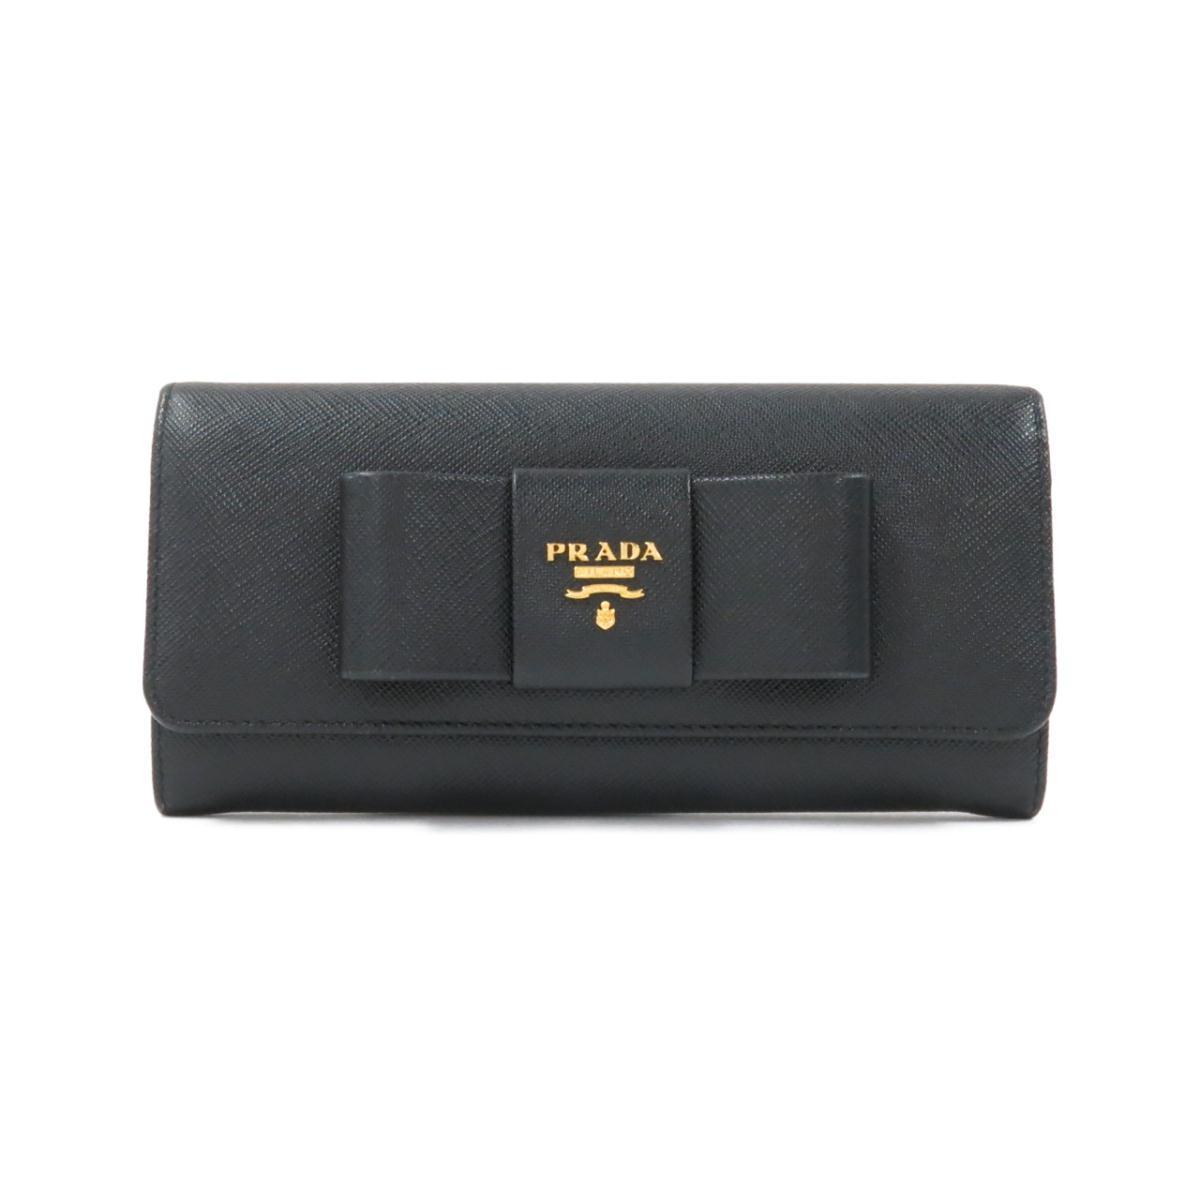 プラダ 財布 1MH132【中古】